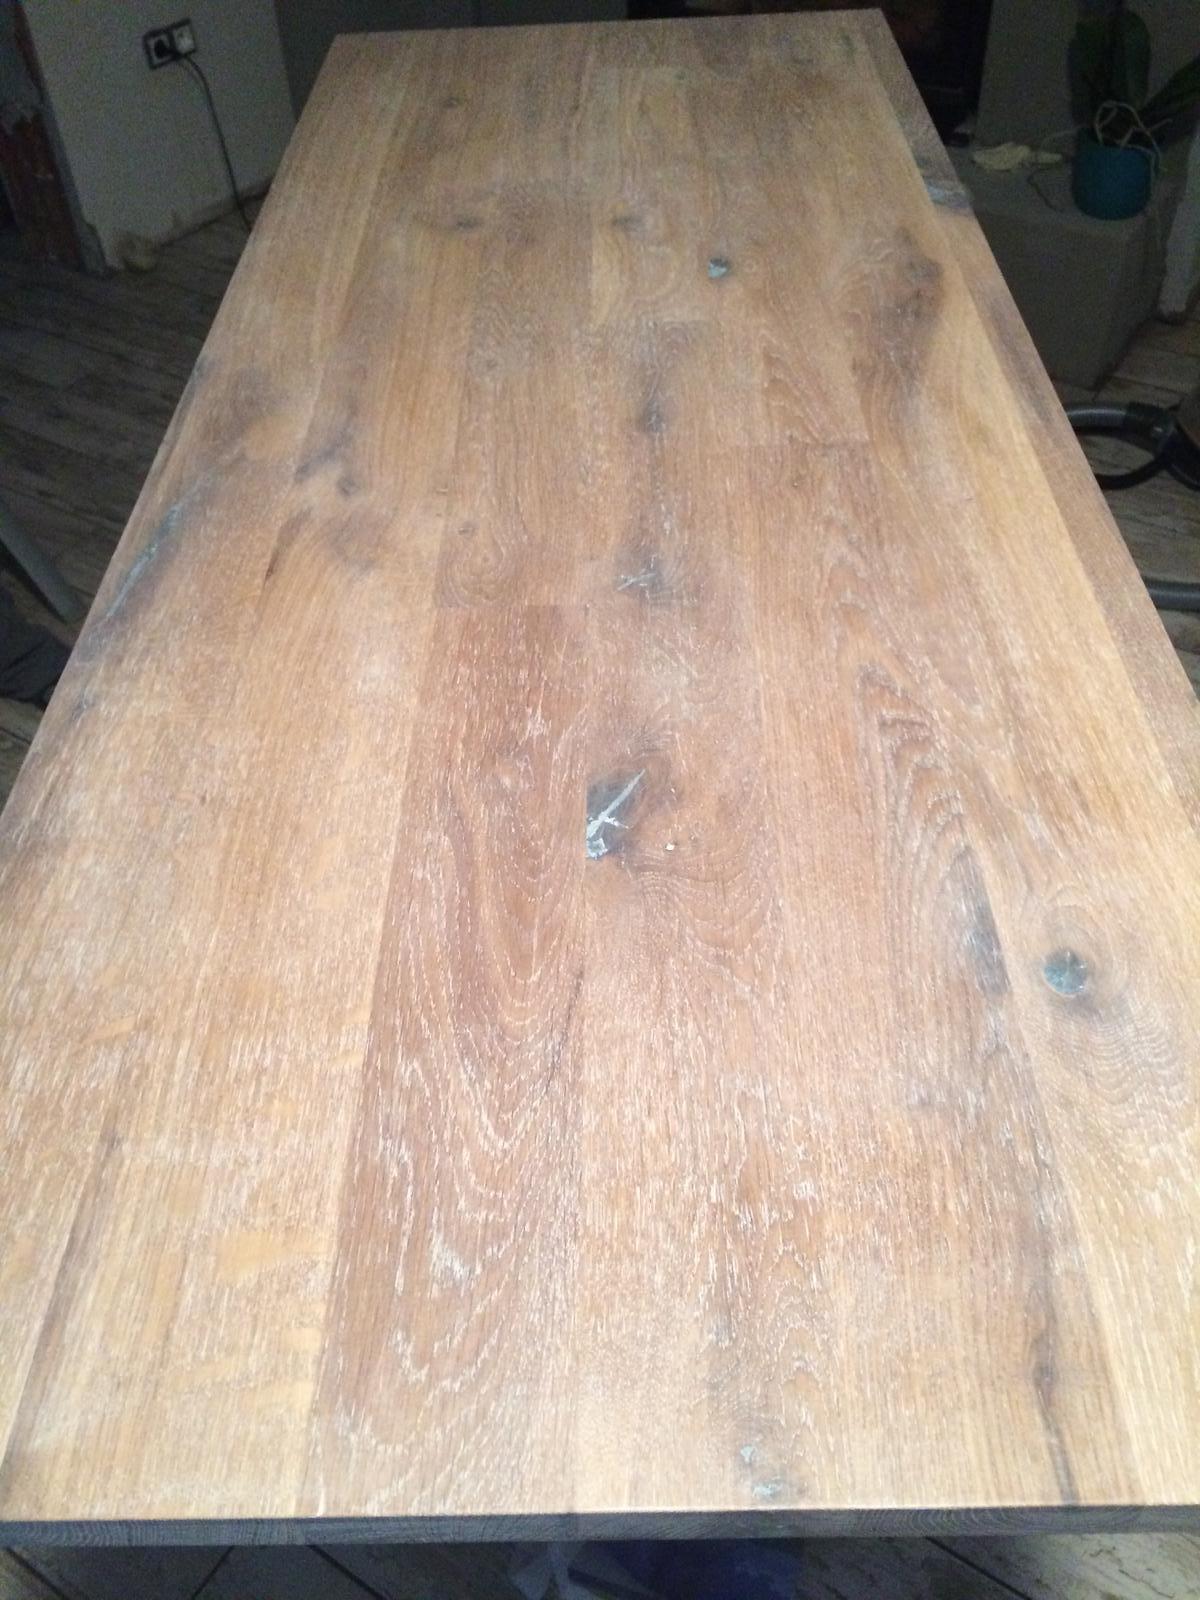 Splněný sen ... domeček - Namorena dubova deska pod umyvadlo do koupelny, zitra nalakovat pak dat stolek dohromady a do nedele by umyvadlo mohlo byt hotove :)